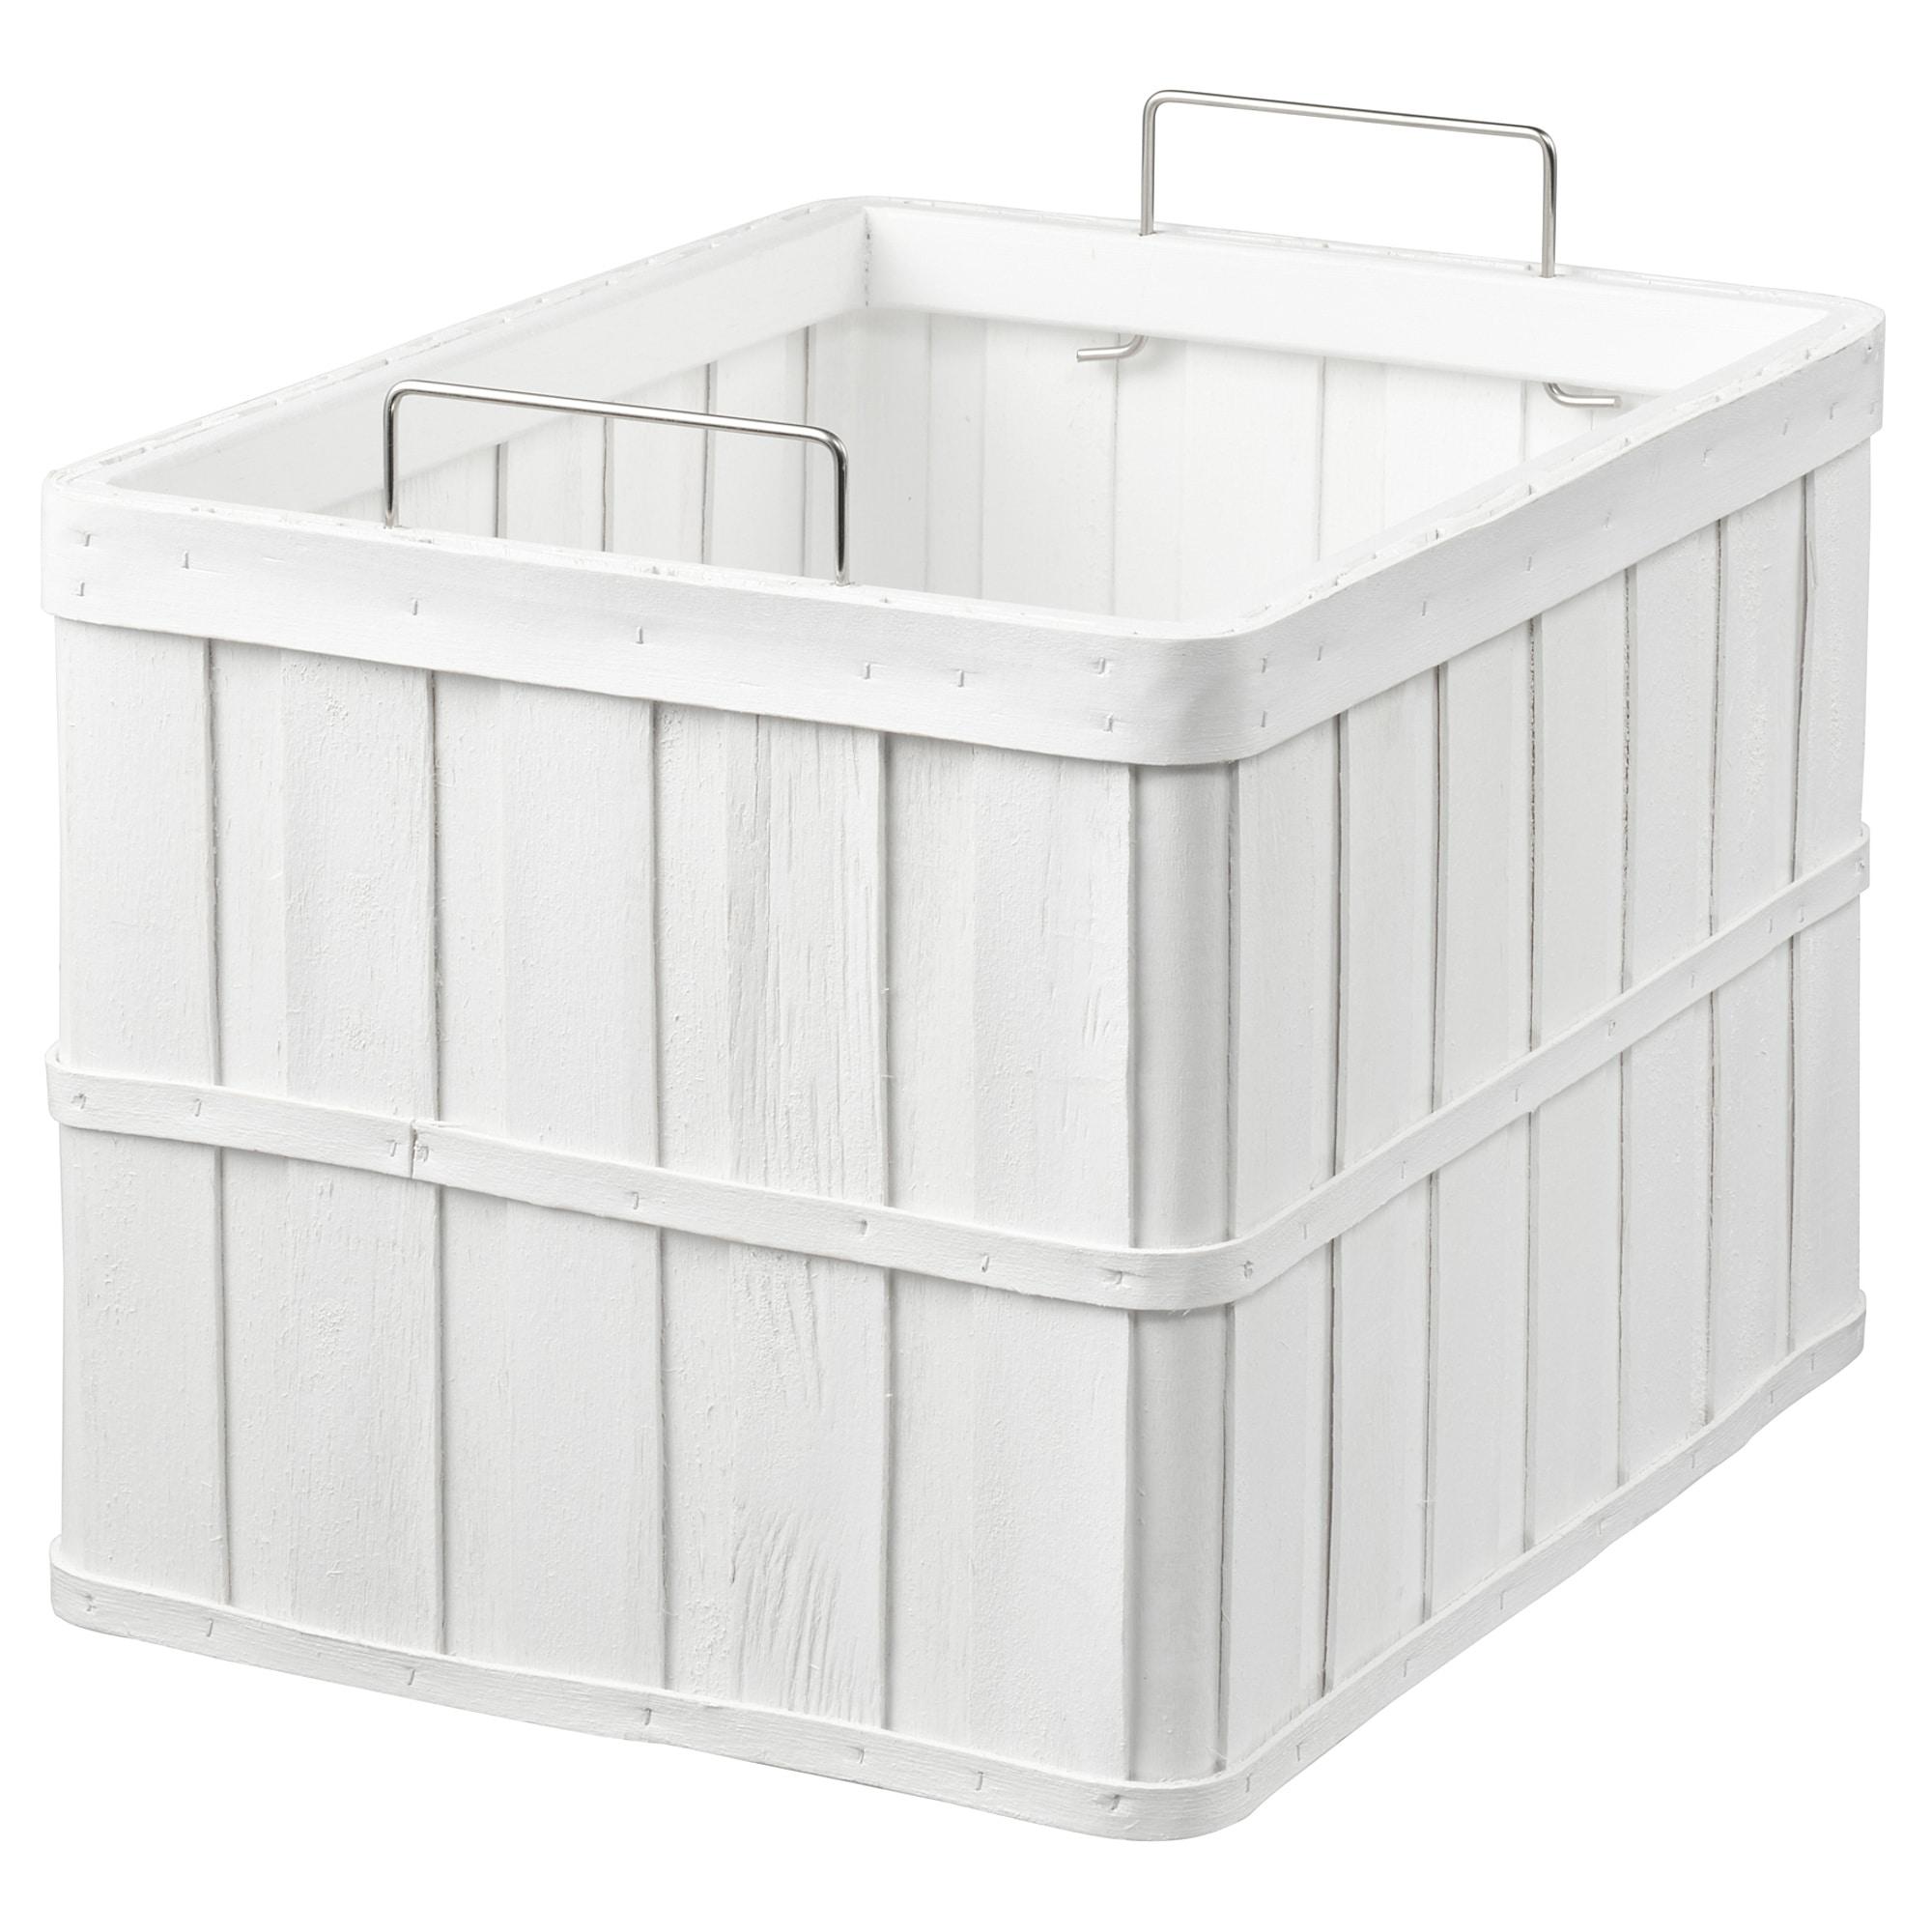 Корзина БРАНКИС белый артикуль № 804.141.62 в наличии. Online сайт IKEA Минск. Быстрая доставка и монтаж.